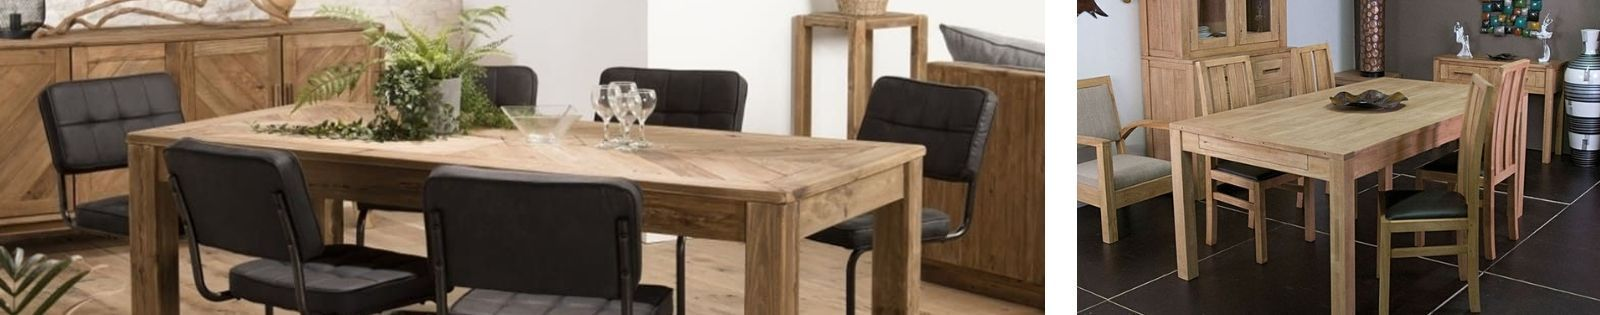 Table de repas rectangulaire en bois massif : acacia, chêne, hévéa, teck, manguier